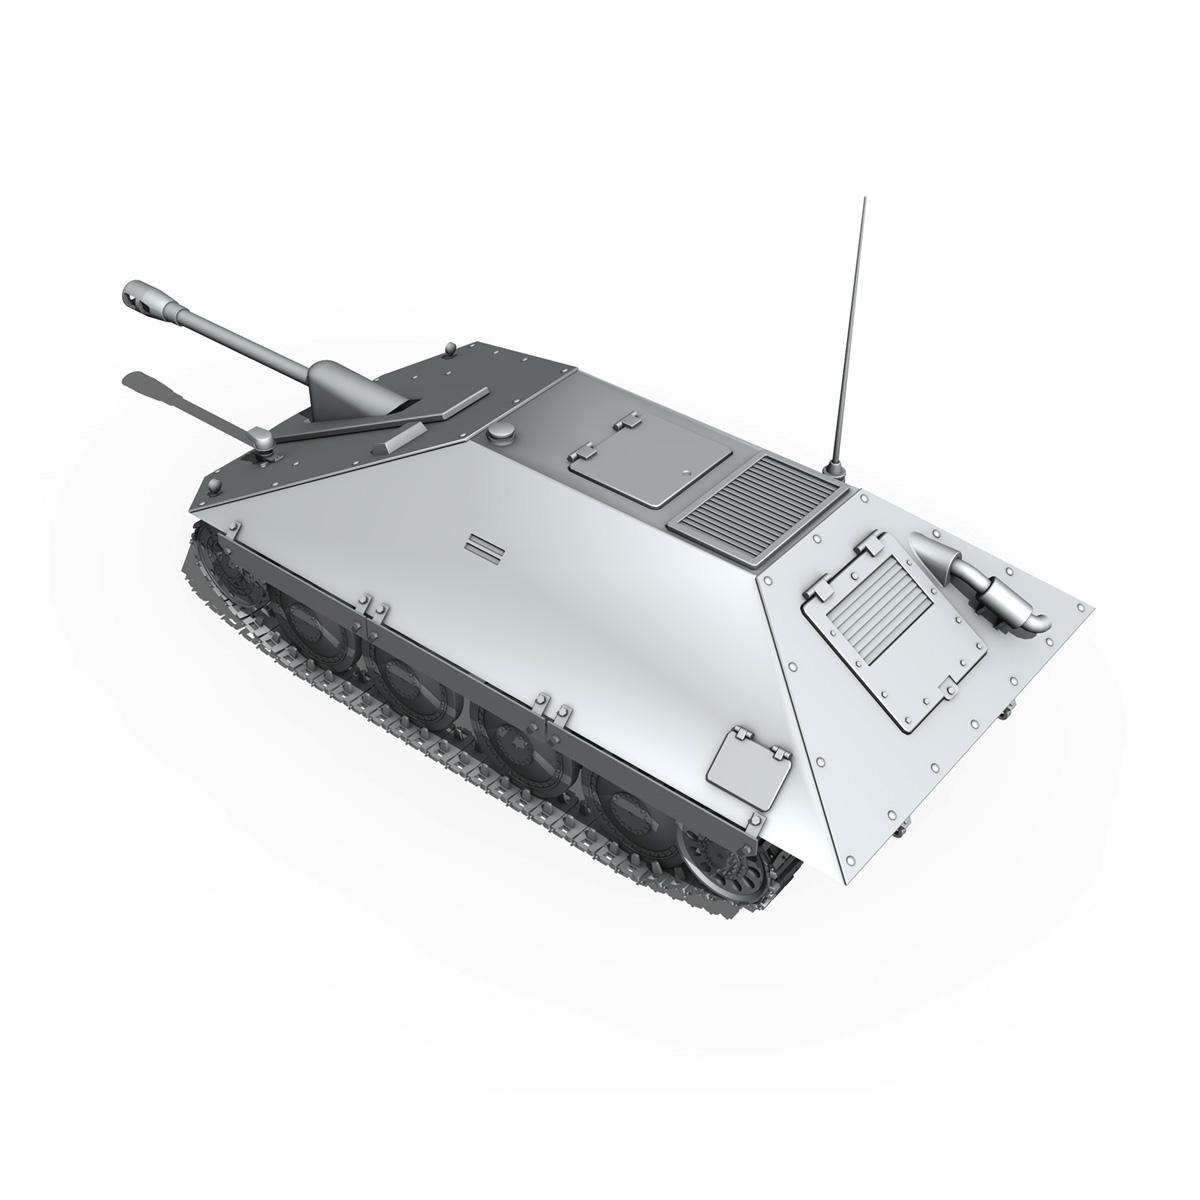 maresal m06 – romanian tank destroyer 3d model 3ds fbx c4d lwo obj 188890